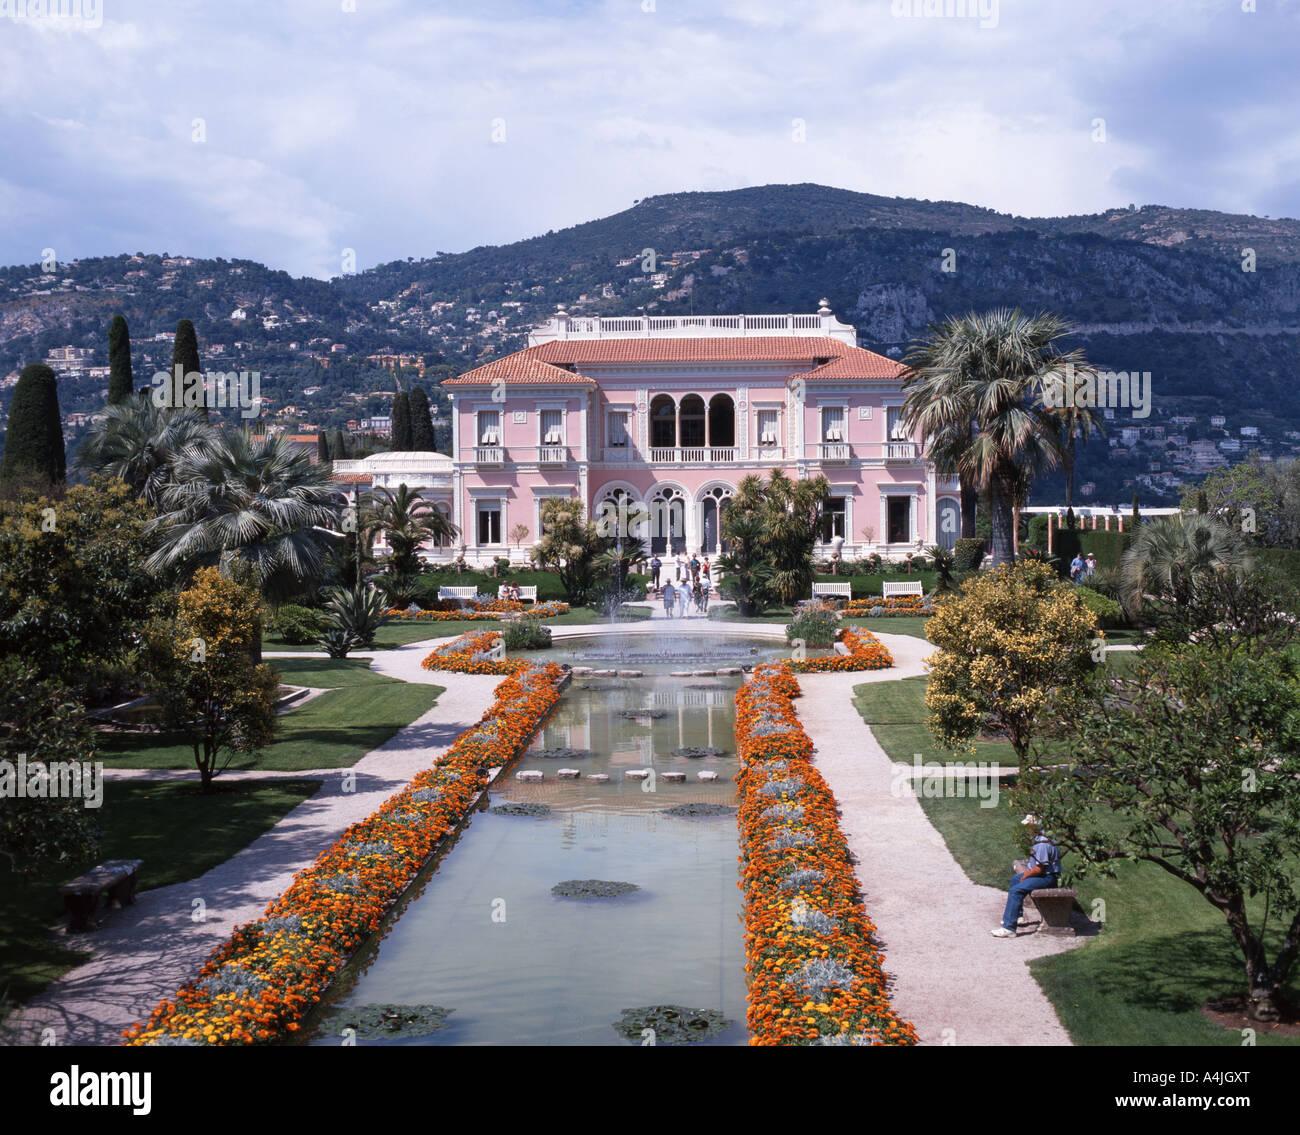 Villa Ephrussi De Rothschild, Saint-Jean-Cap-Ferrat, Alpes Maritimes, Provence-Alpes-Côte d'Azur, France - Stock Image